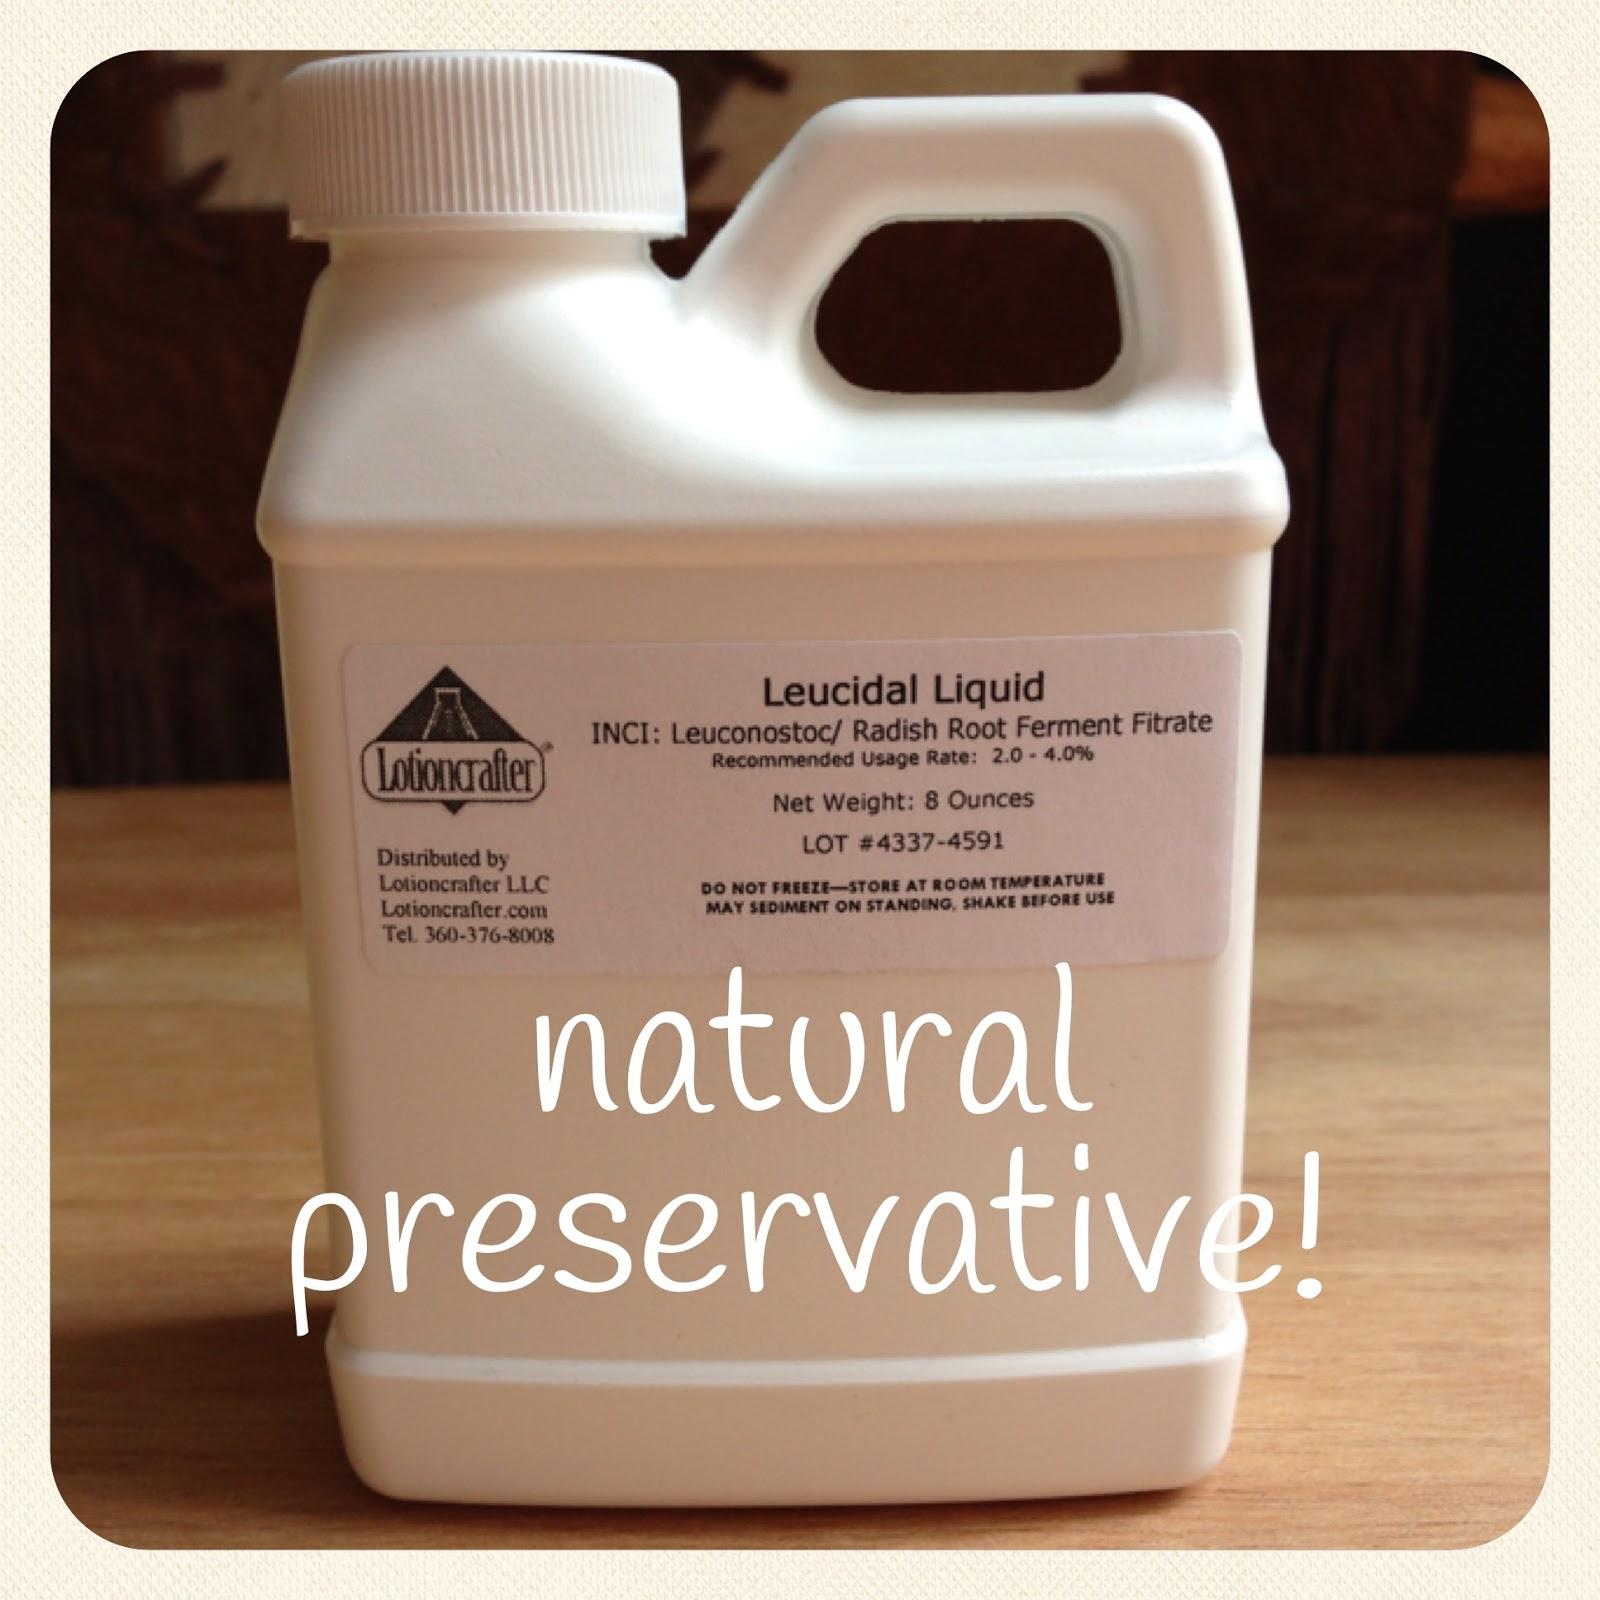 Leucidal® Liquid Natural Preservative